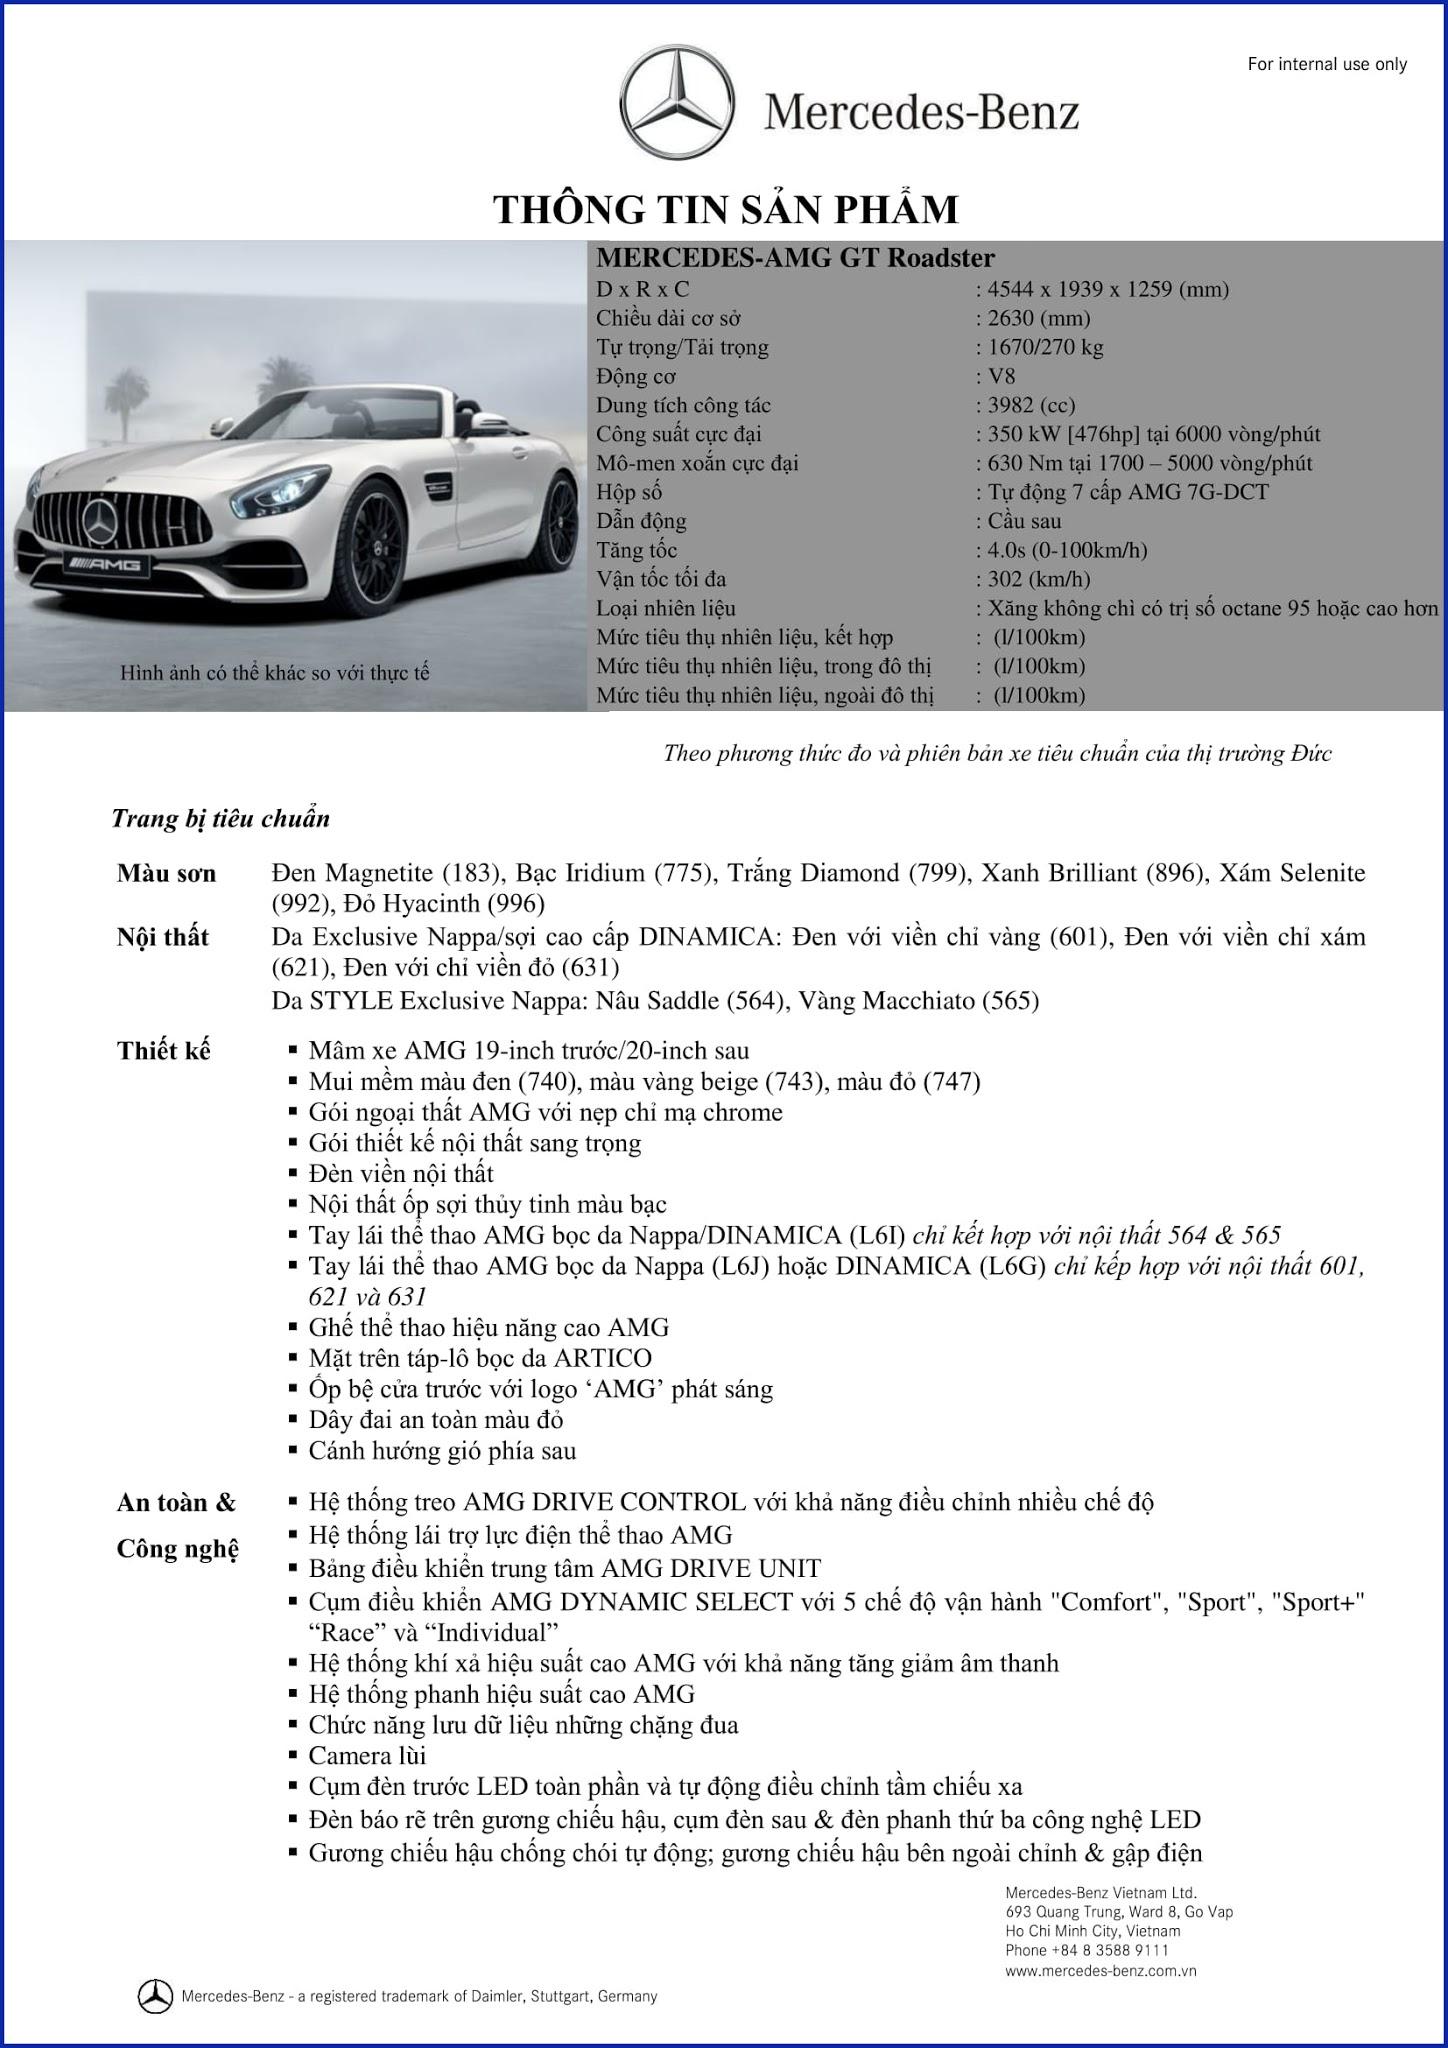 Bảng thông số kỹ thuật Mercedes AMG GT Roadster 2019 tại Mercedes Trường Chinh